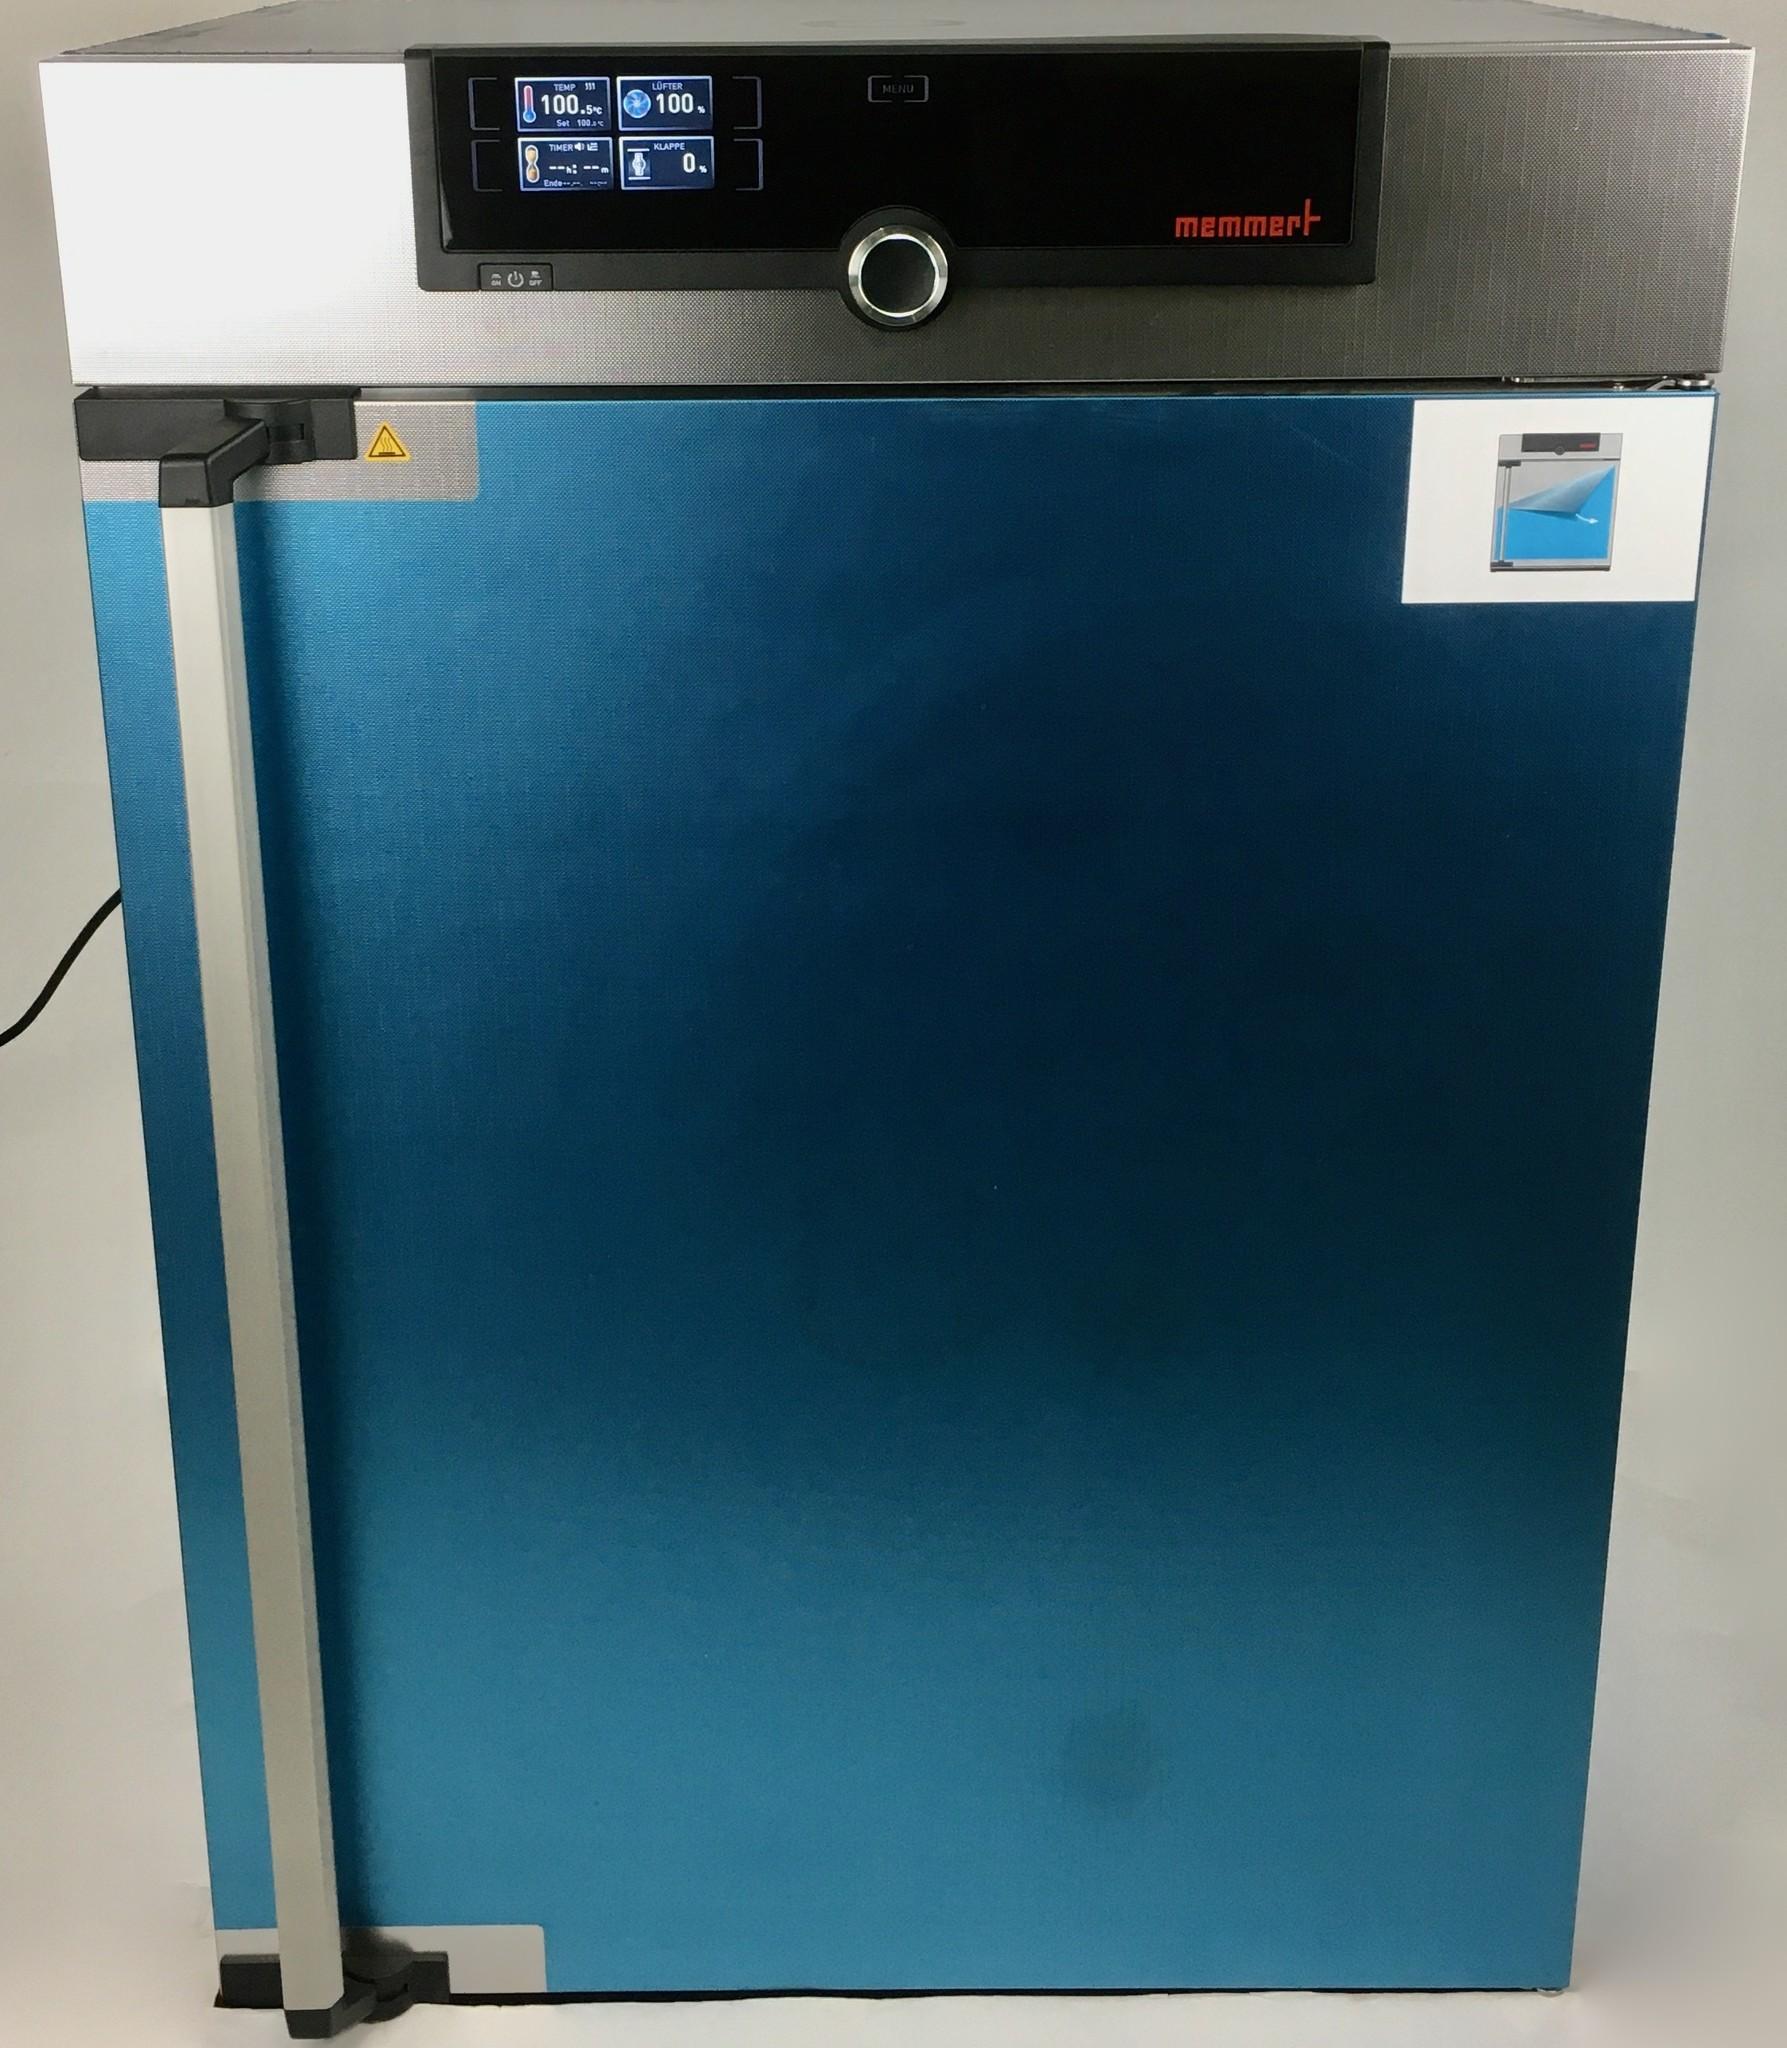 Memmert Memmert UF260 Forced Air Drying Oven